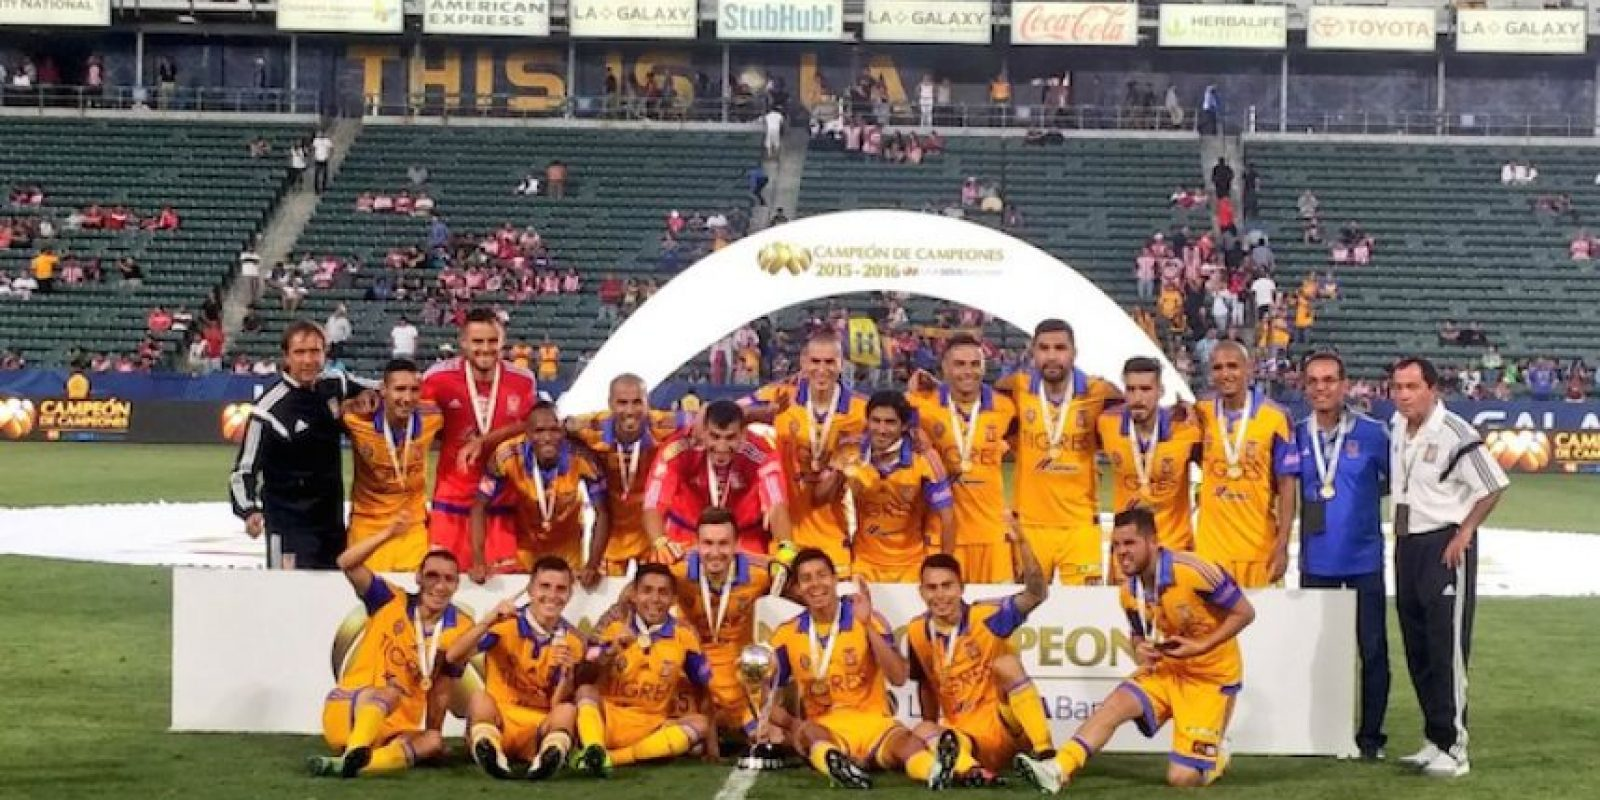 Ismael Sosa se estrena con Tigres y ganan el Campeón de Campeones Foto:FMF